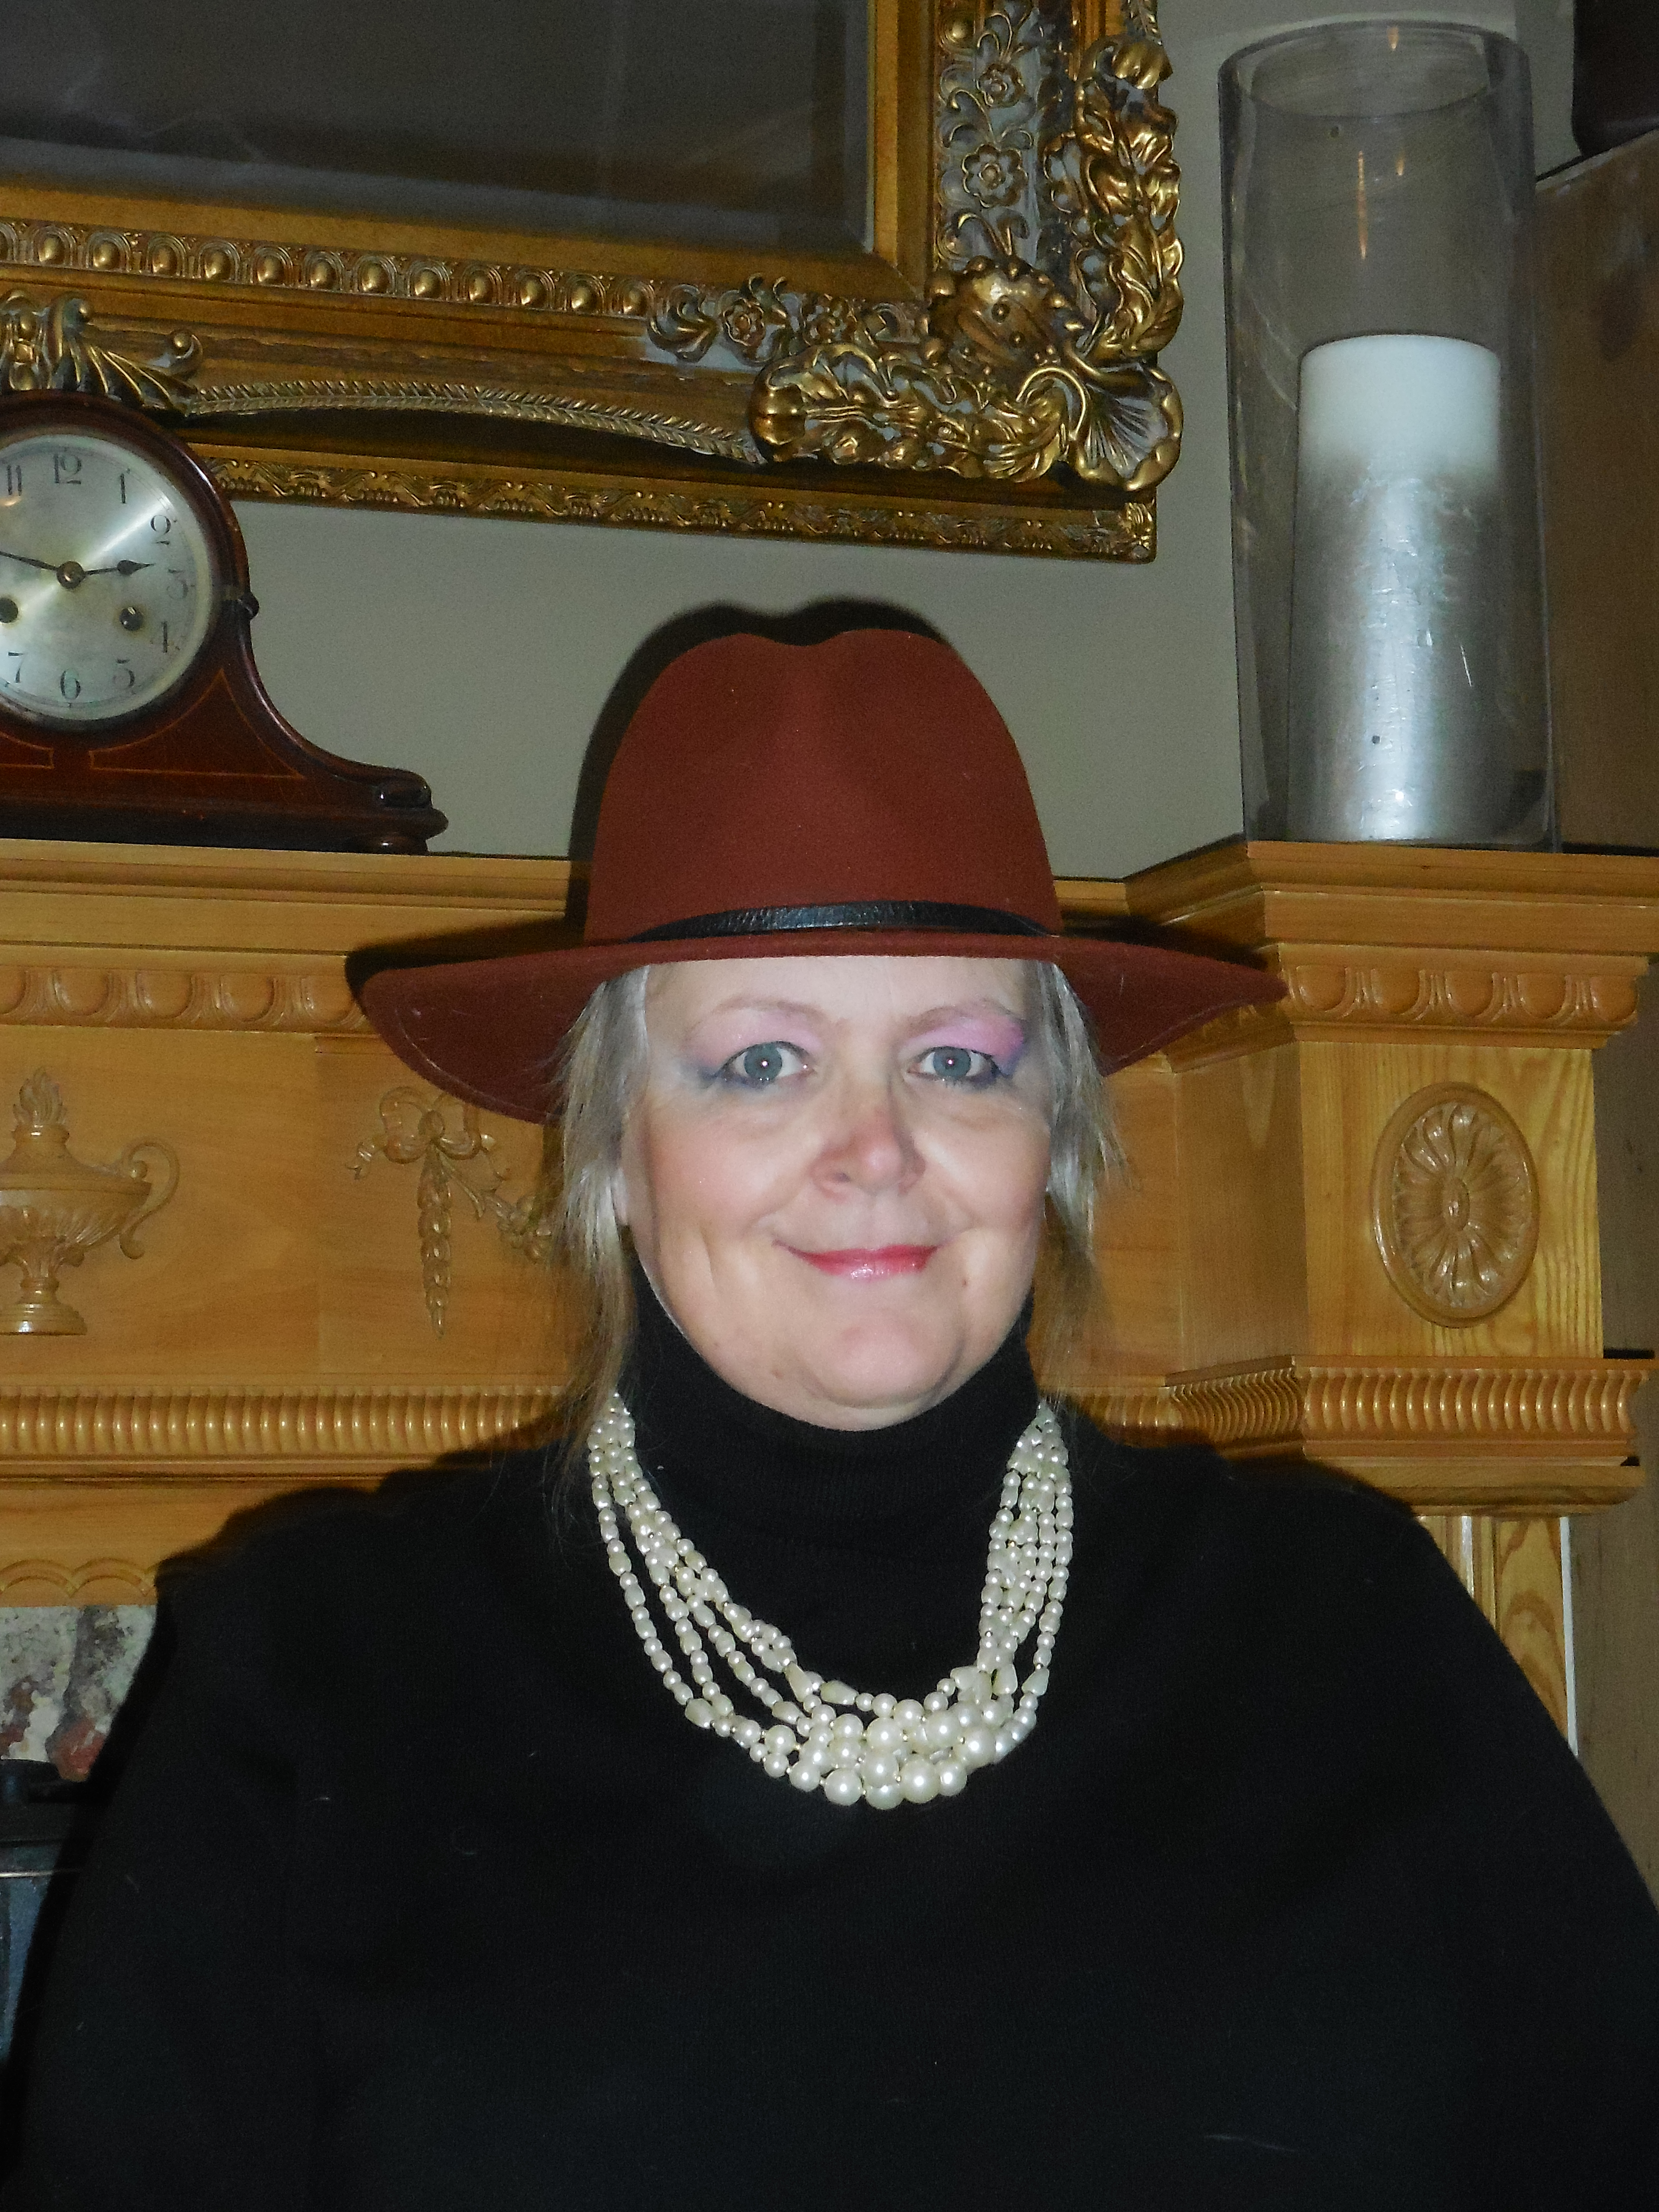 Author photo 6